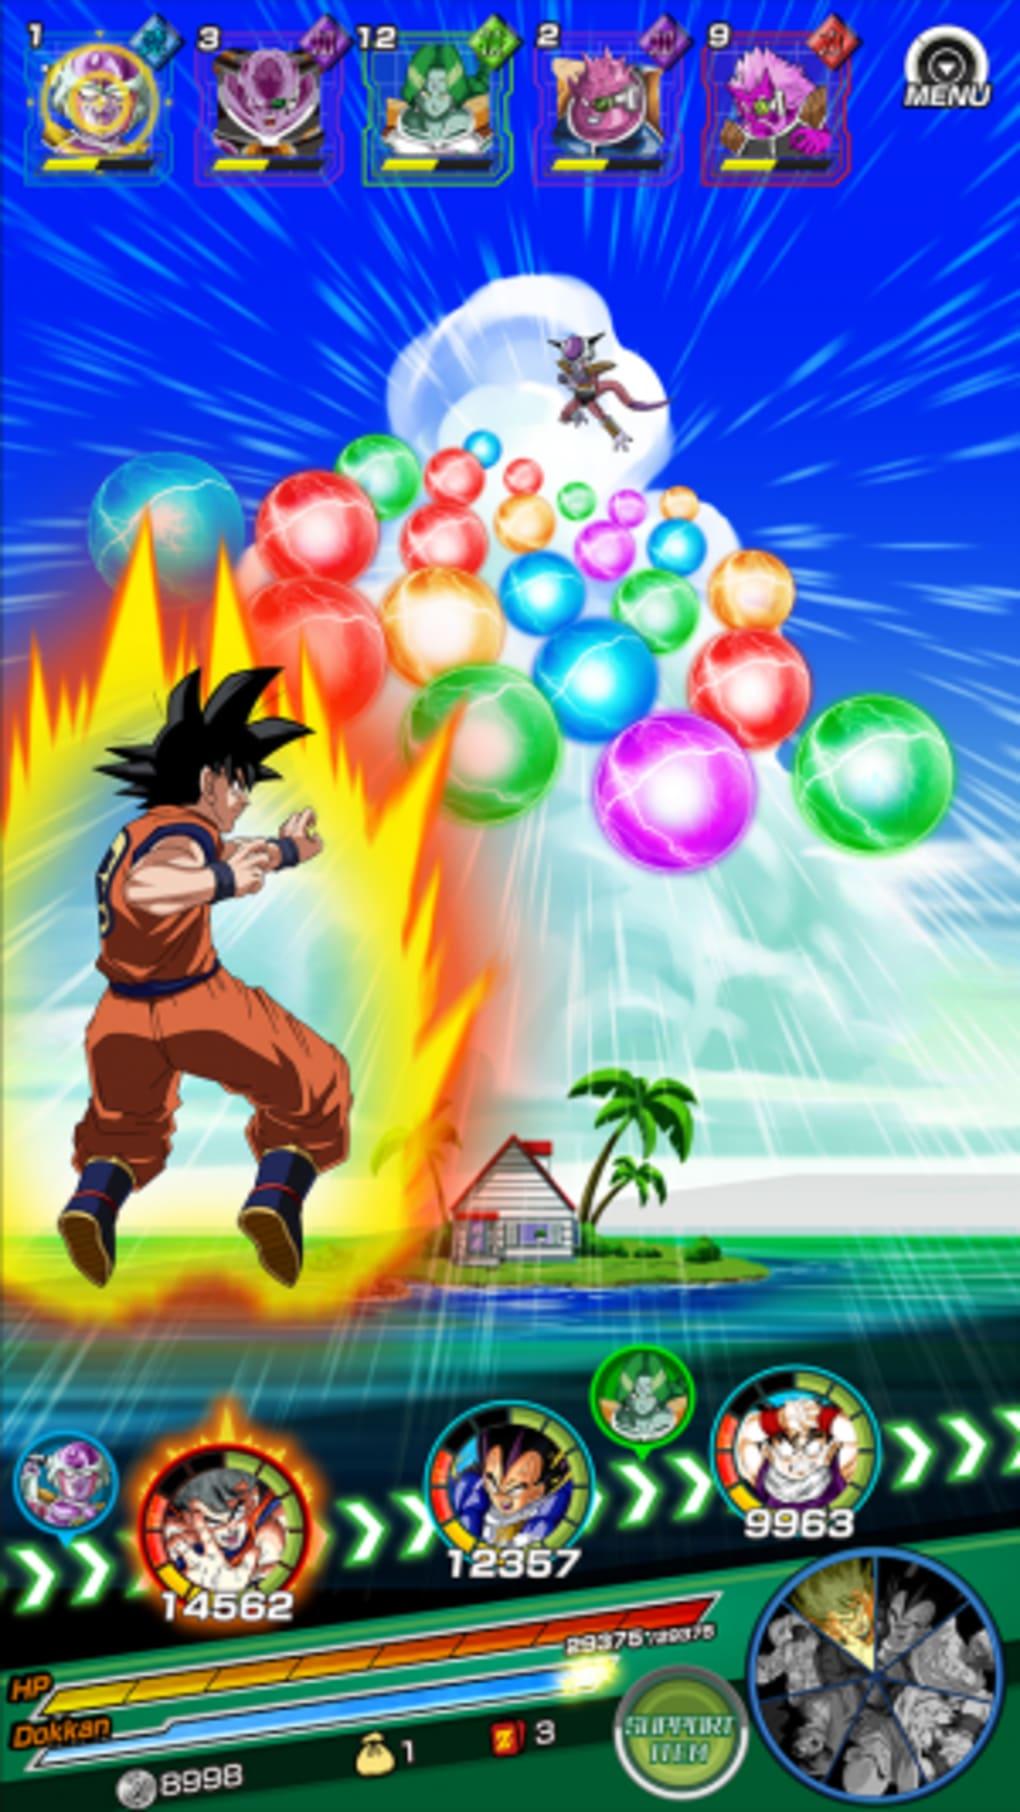 Dragon Ball Z Dokkan Battledeutsch generator ohne abo, handynummer oder verifizierung